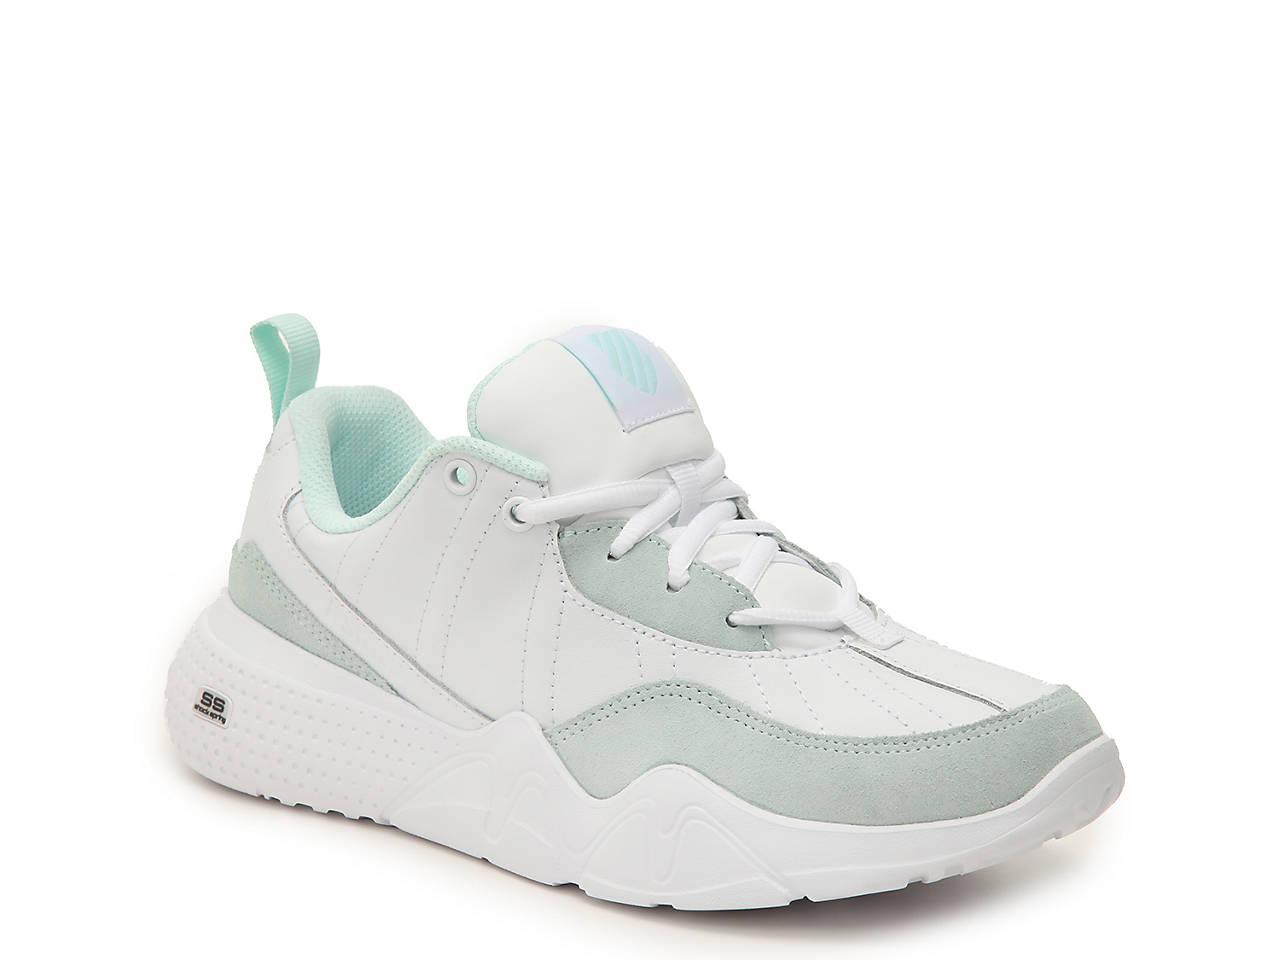 f0256870a2e5 K-Swiss CR-329 Sneaker - Women s Women s Shoes